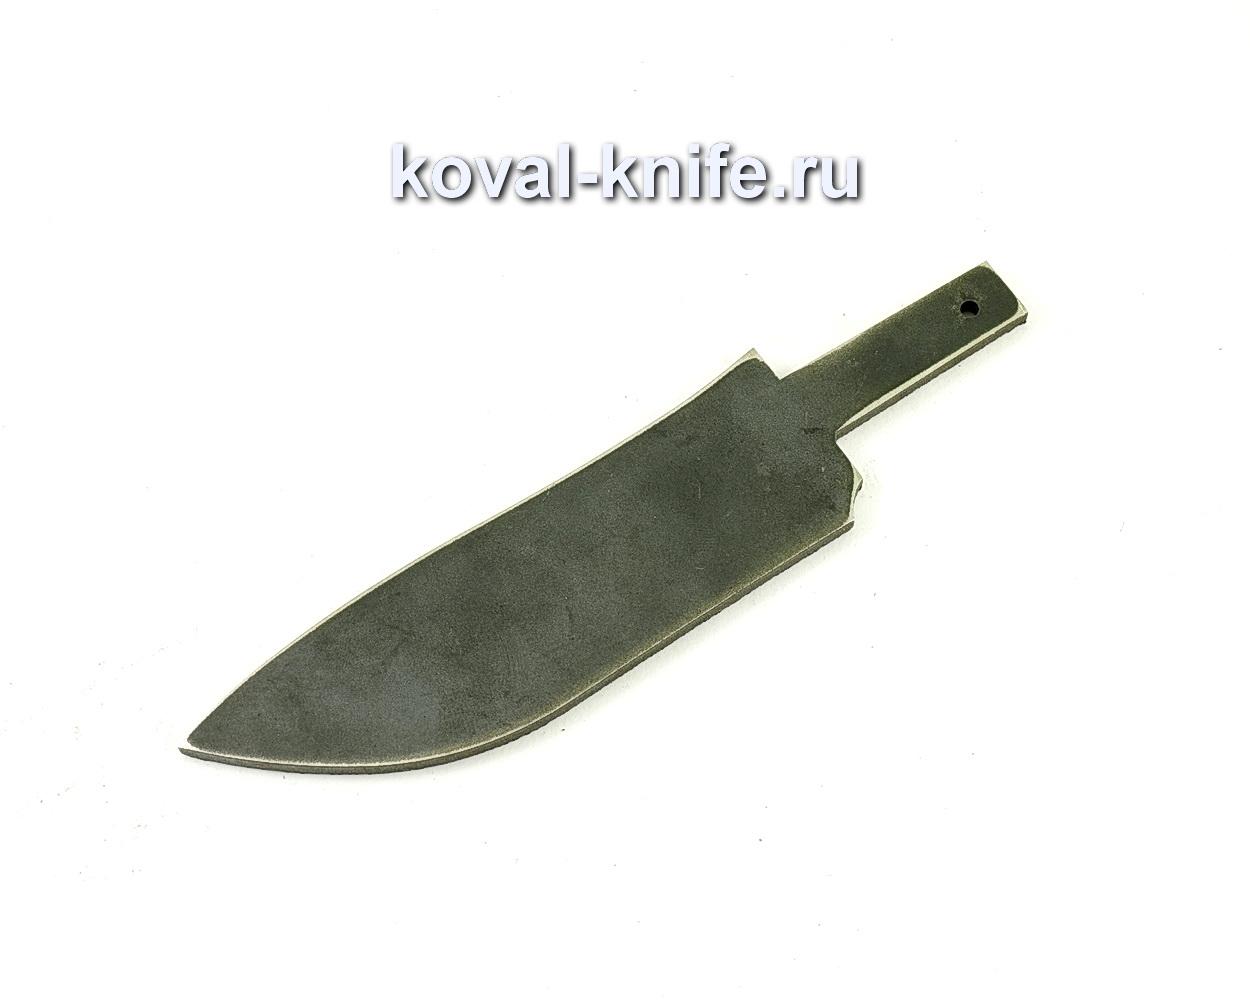 Бланк для клинка из порошковой стали M390 Кабан